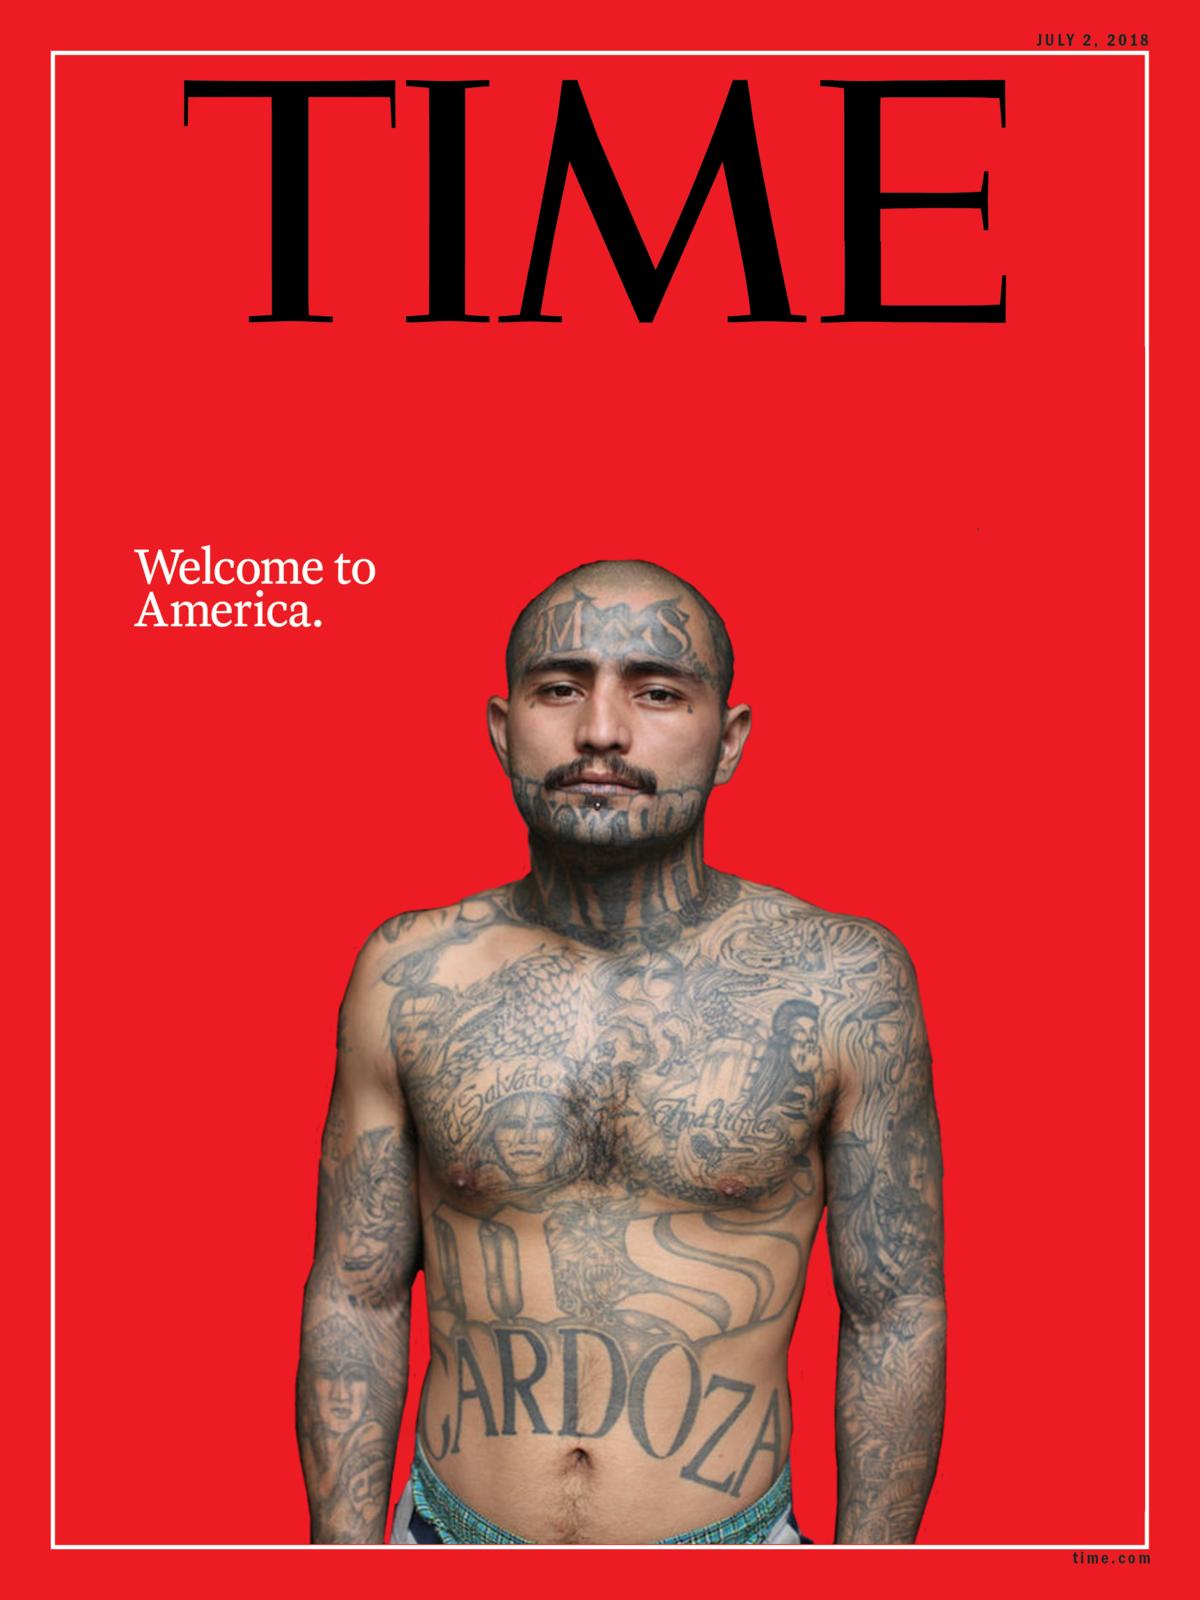 La couve du Time détournée par les pro-Trump